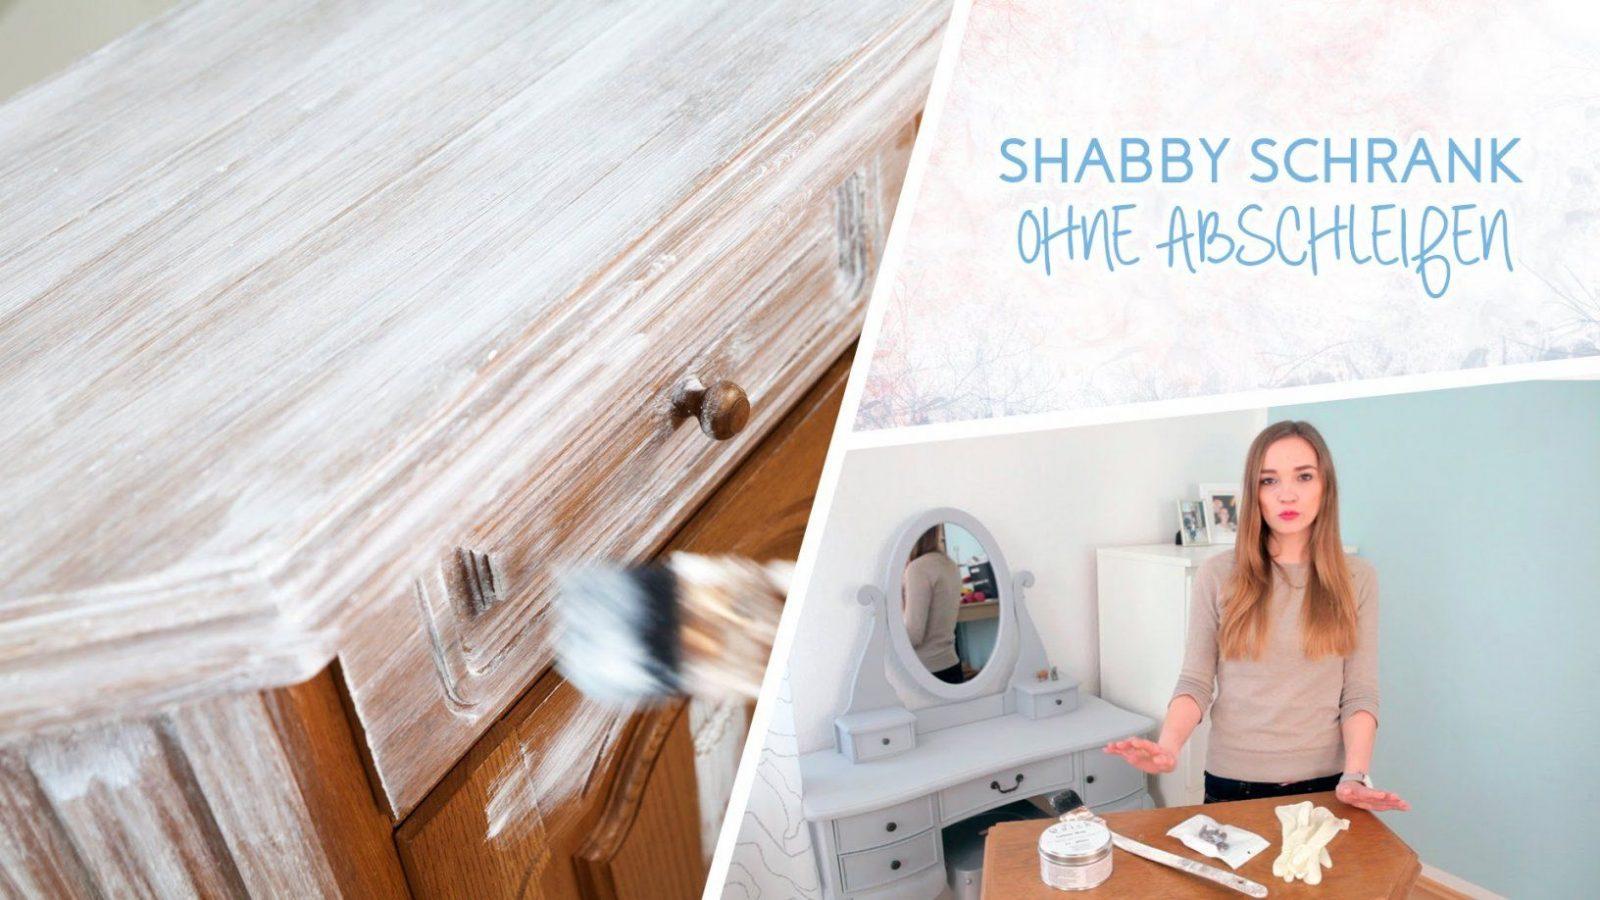 How To Schrank Im Shabby Chic Stil Streichen Ohne Abscheifen  Youtube von Schrank Weiß Streichen Ohne Schleifen Bild